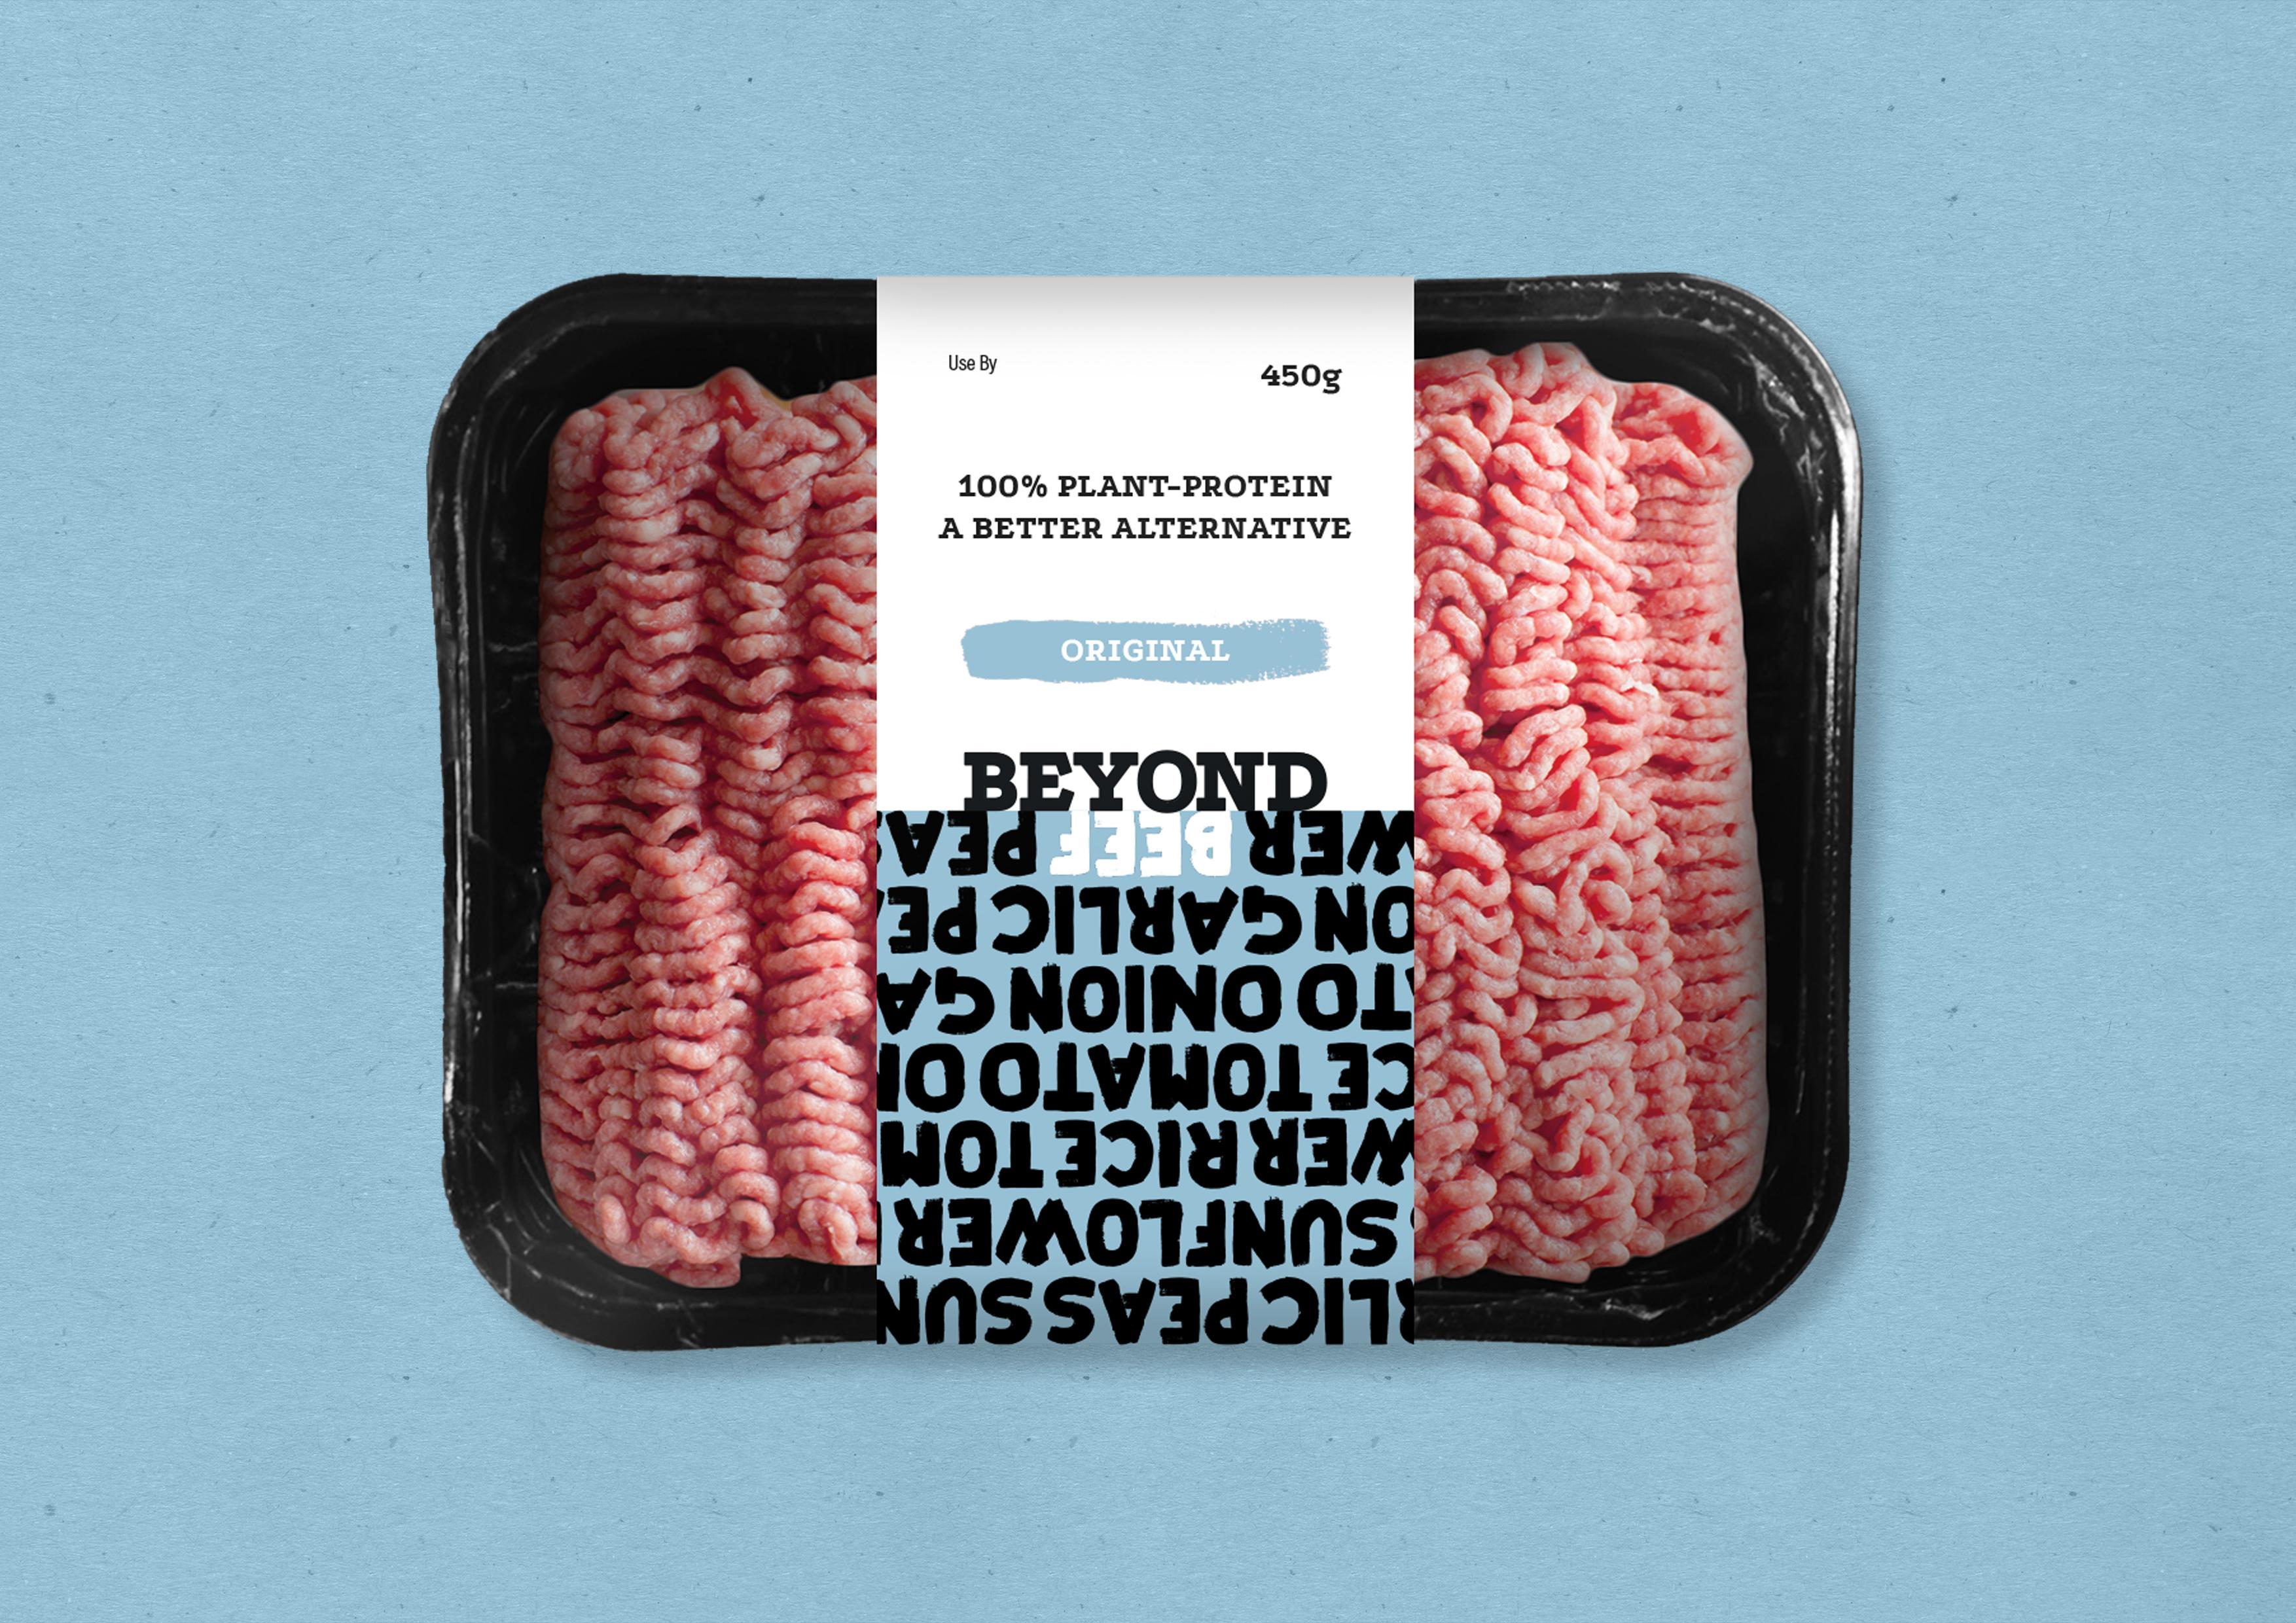 Beyond Beef packaging